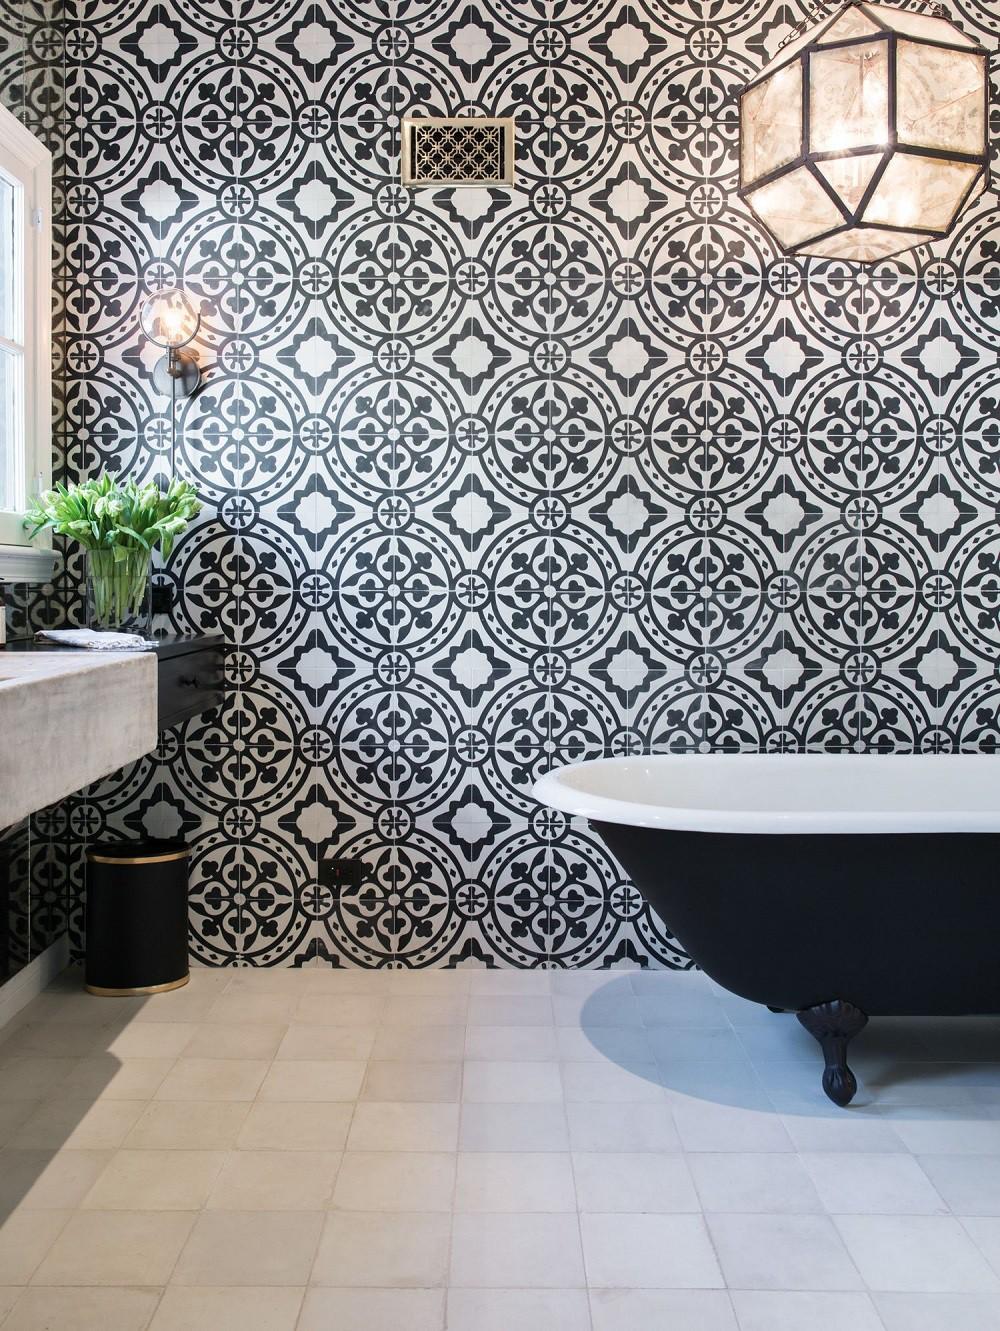 Cận cảnh 3 thiết kế phòng tắm được hồi sinh theo phong cách Tây Ban Nha thập niên 1930 nhờ các vật liệu công nghiệp - Ảnh 13.